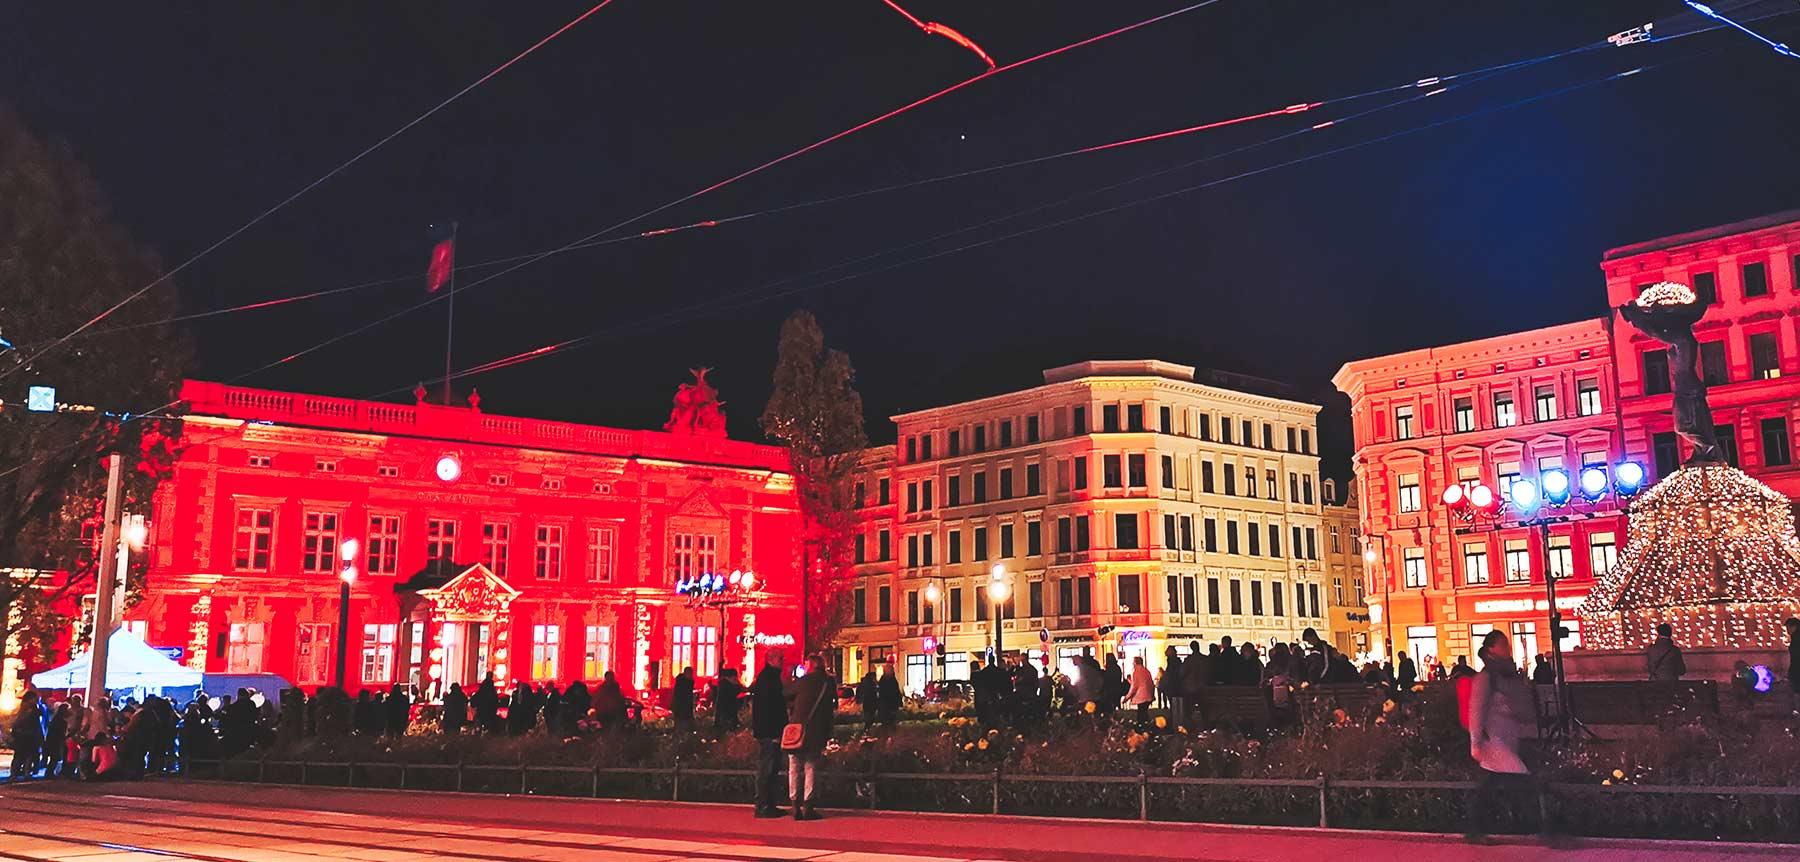 Postplatz Görlitz bei Nacht, bleuchtete Innenstadt erleben